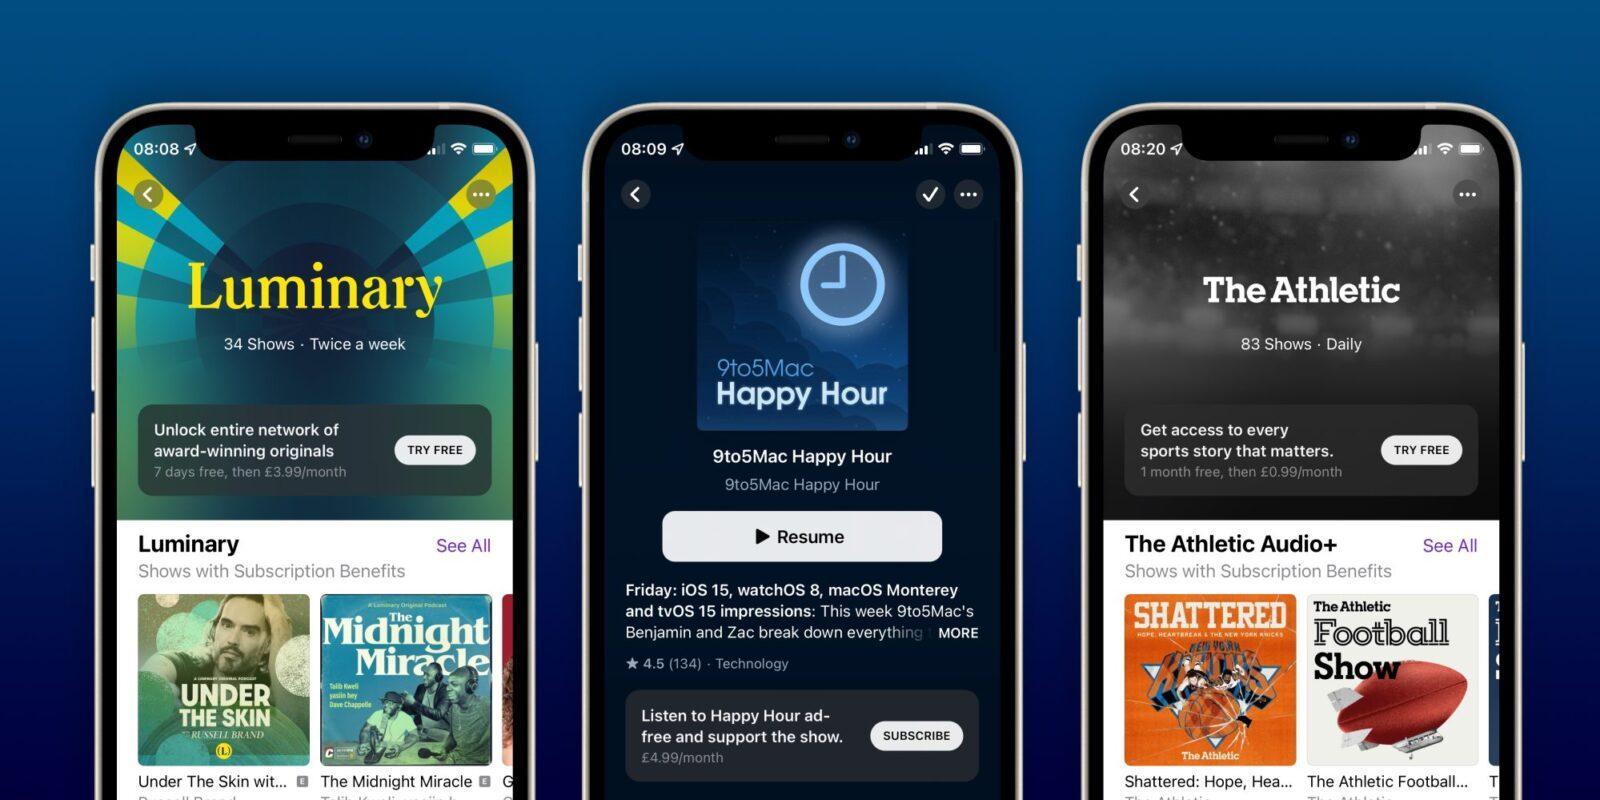 Подписки и каналы Apple Podcasts теперь доступны (apple podcast subscriptions)